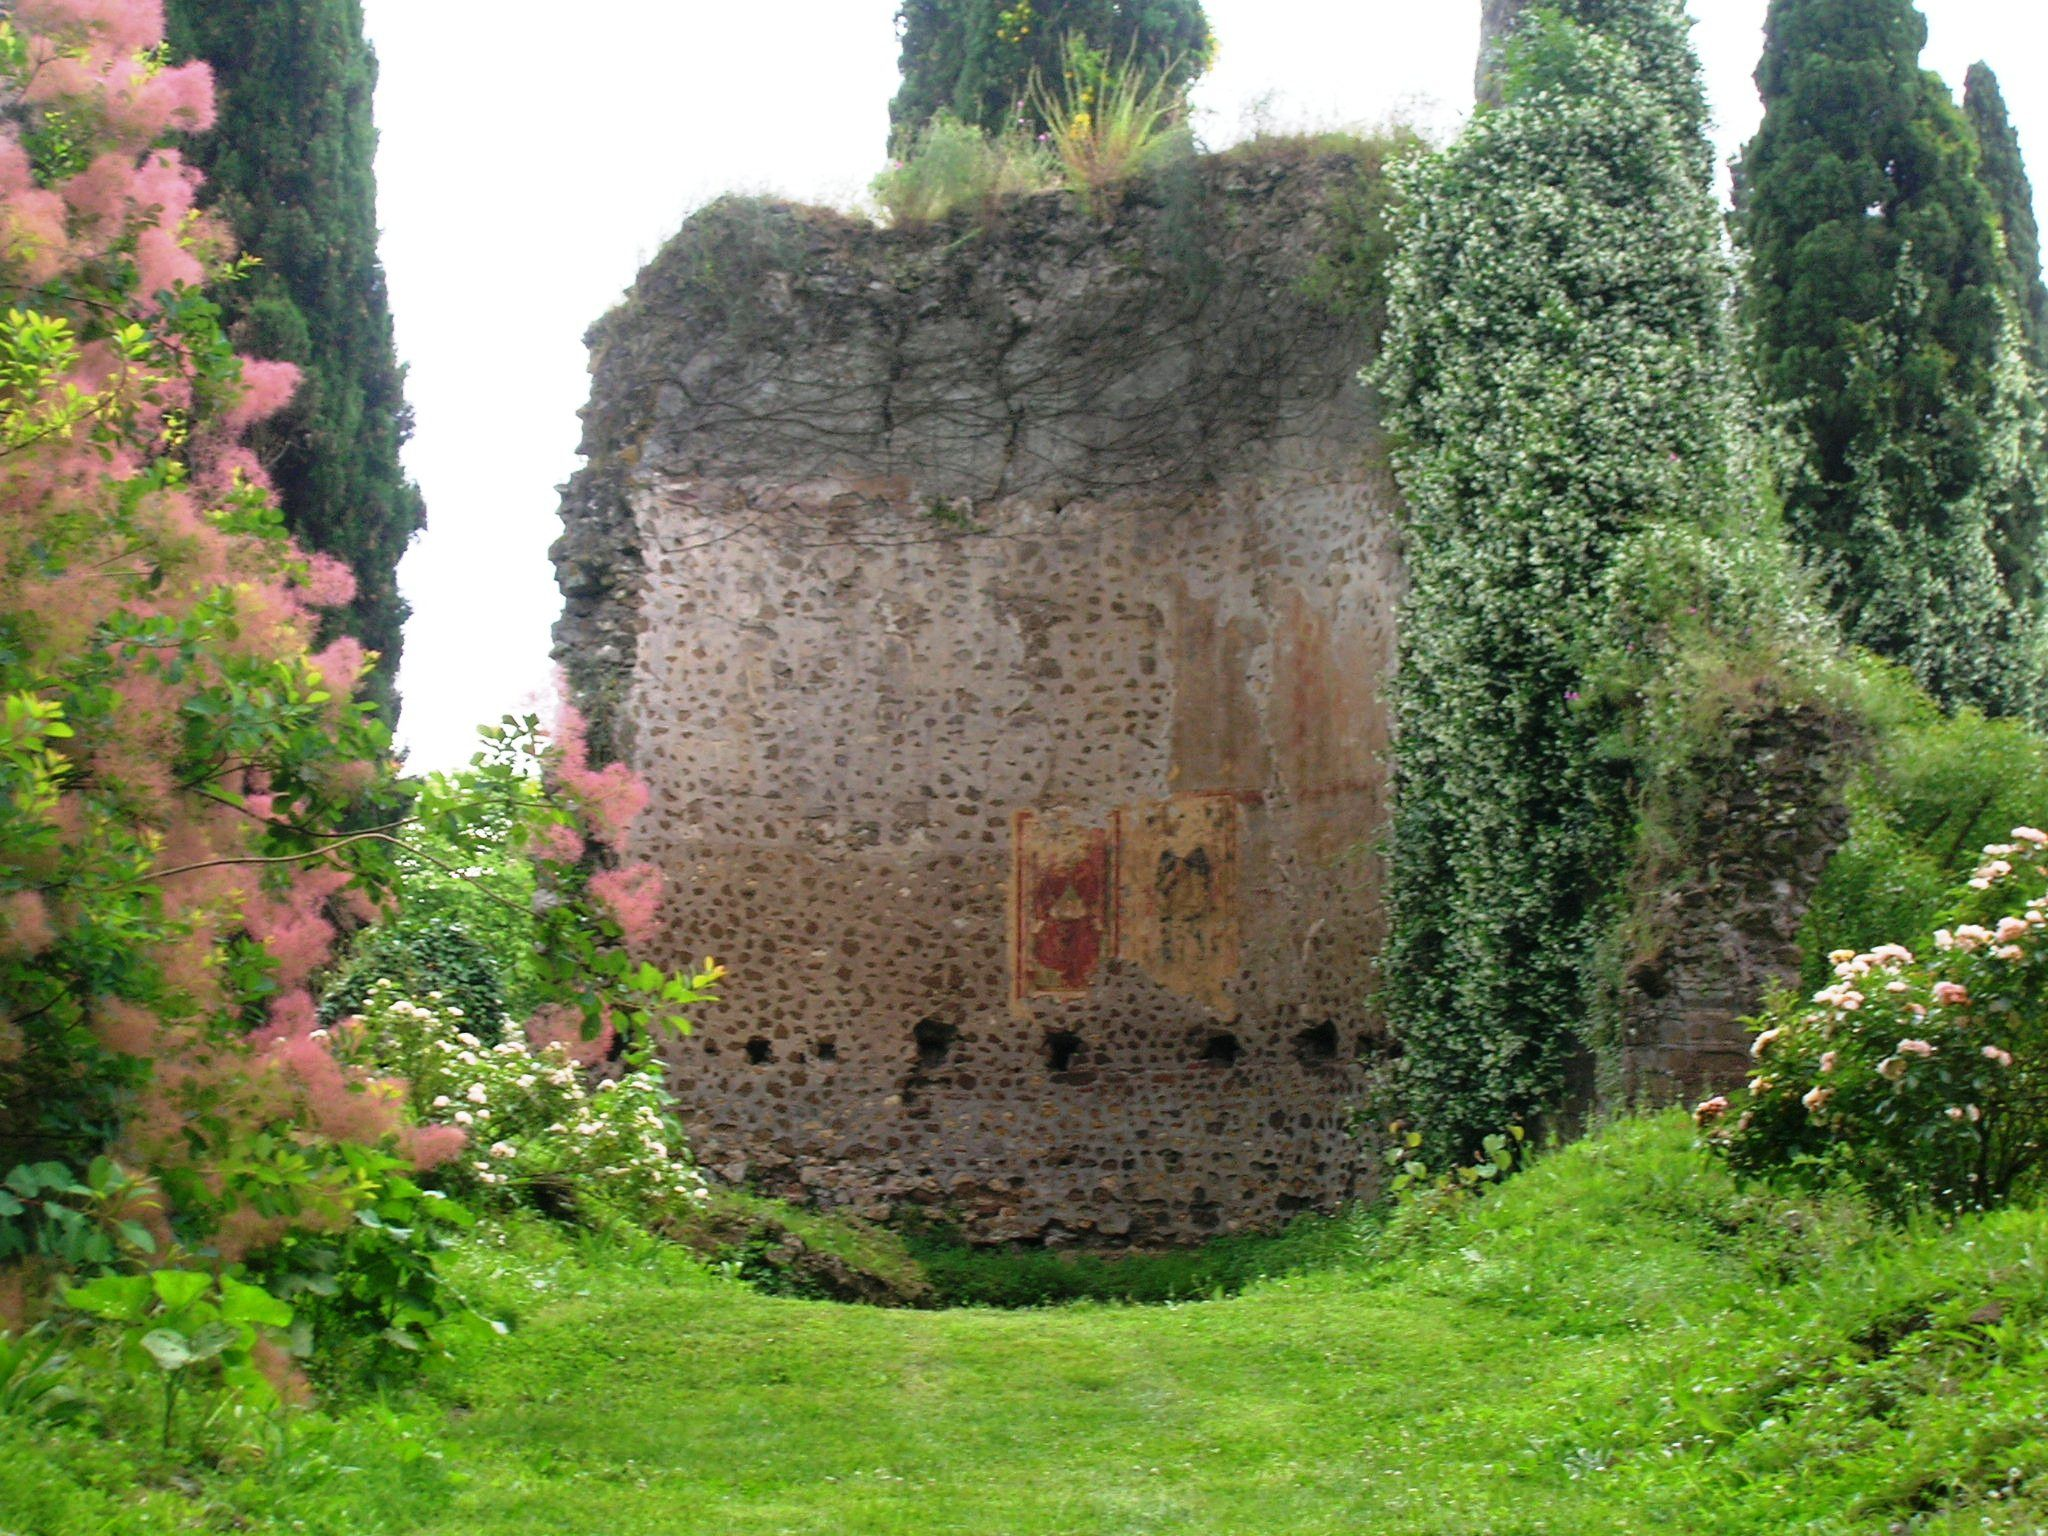 giardino-di-ninfa5